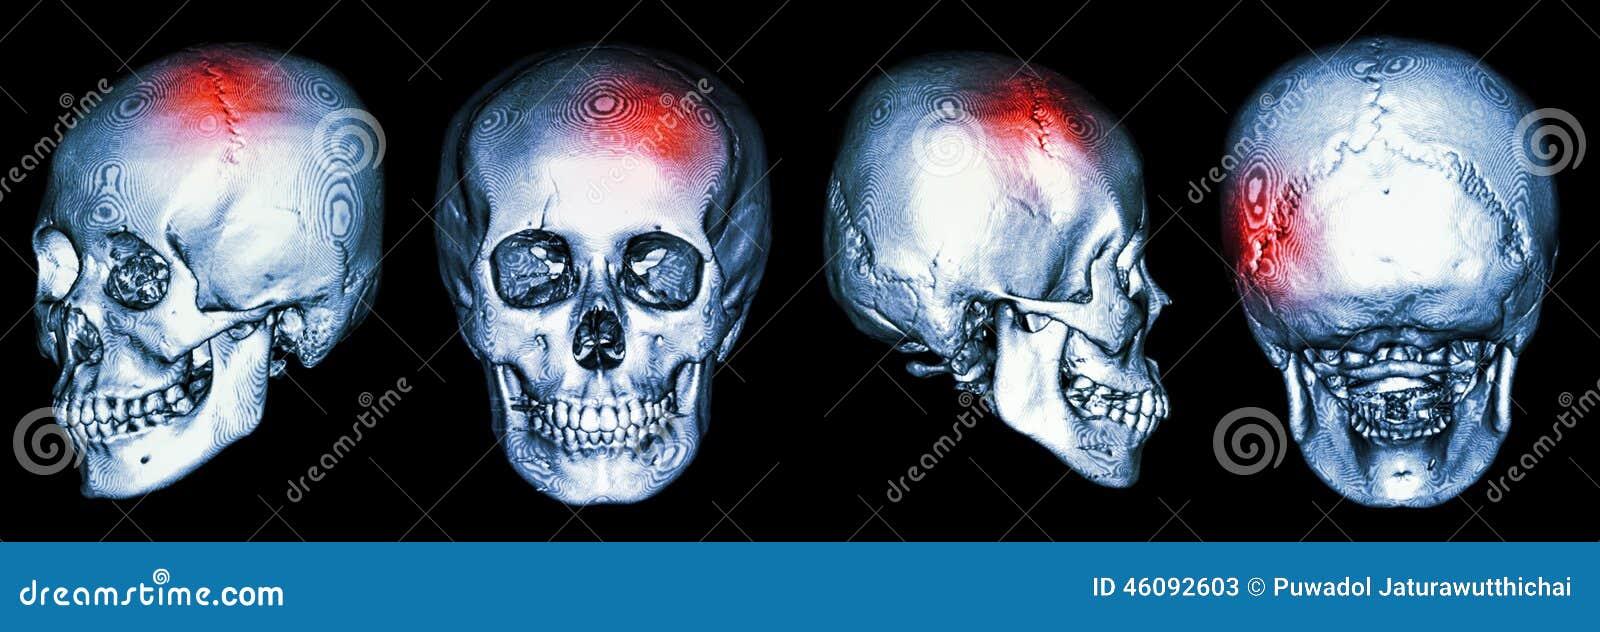 Exploración Del CT Del Cráneo Humano Y De 3D Con El Movimiento ...